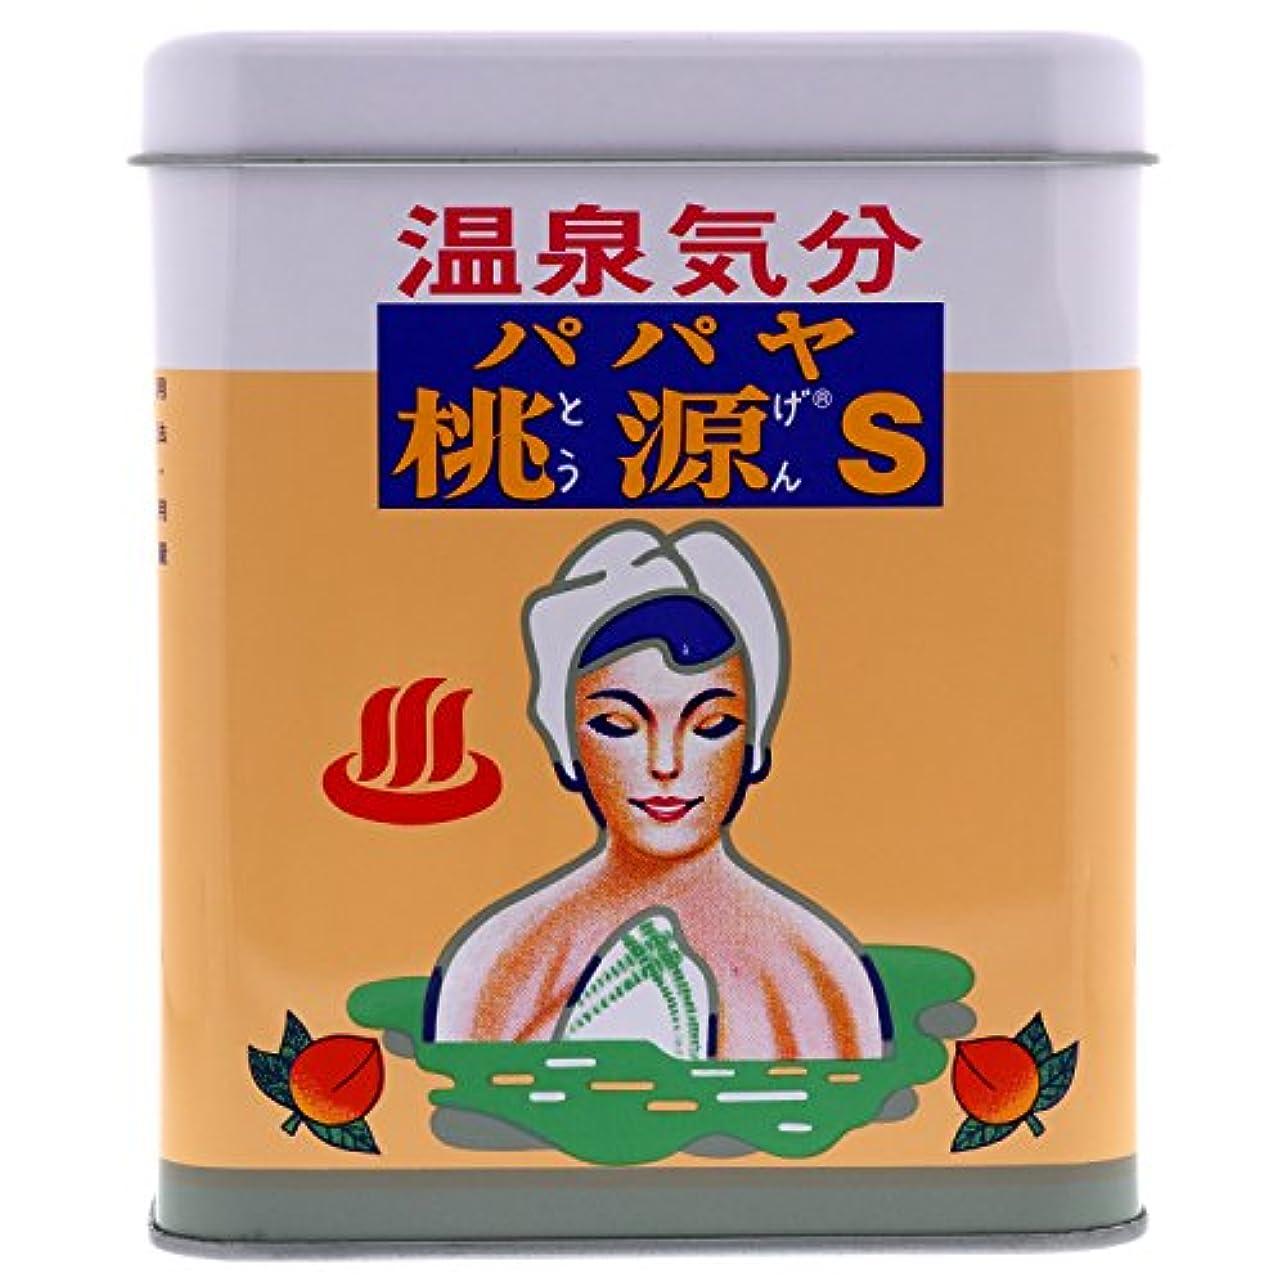 ラブ一掃する気球パパヤ桃源S 700g 缶 [医薬部外品]